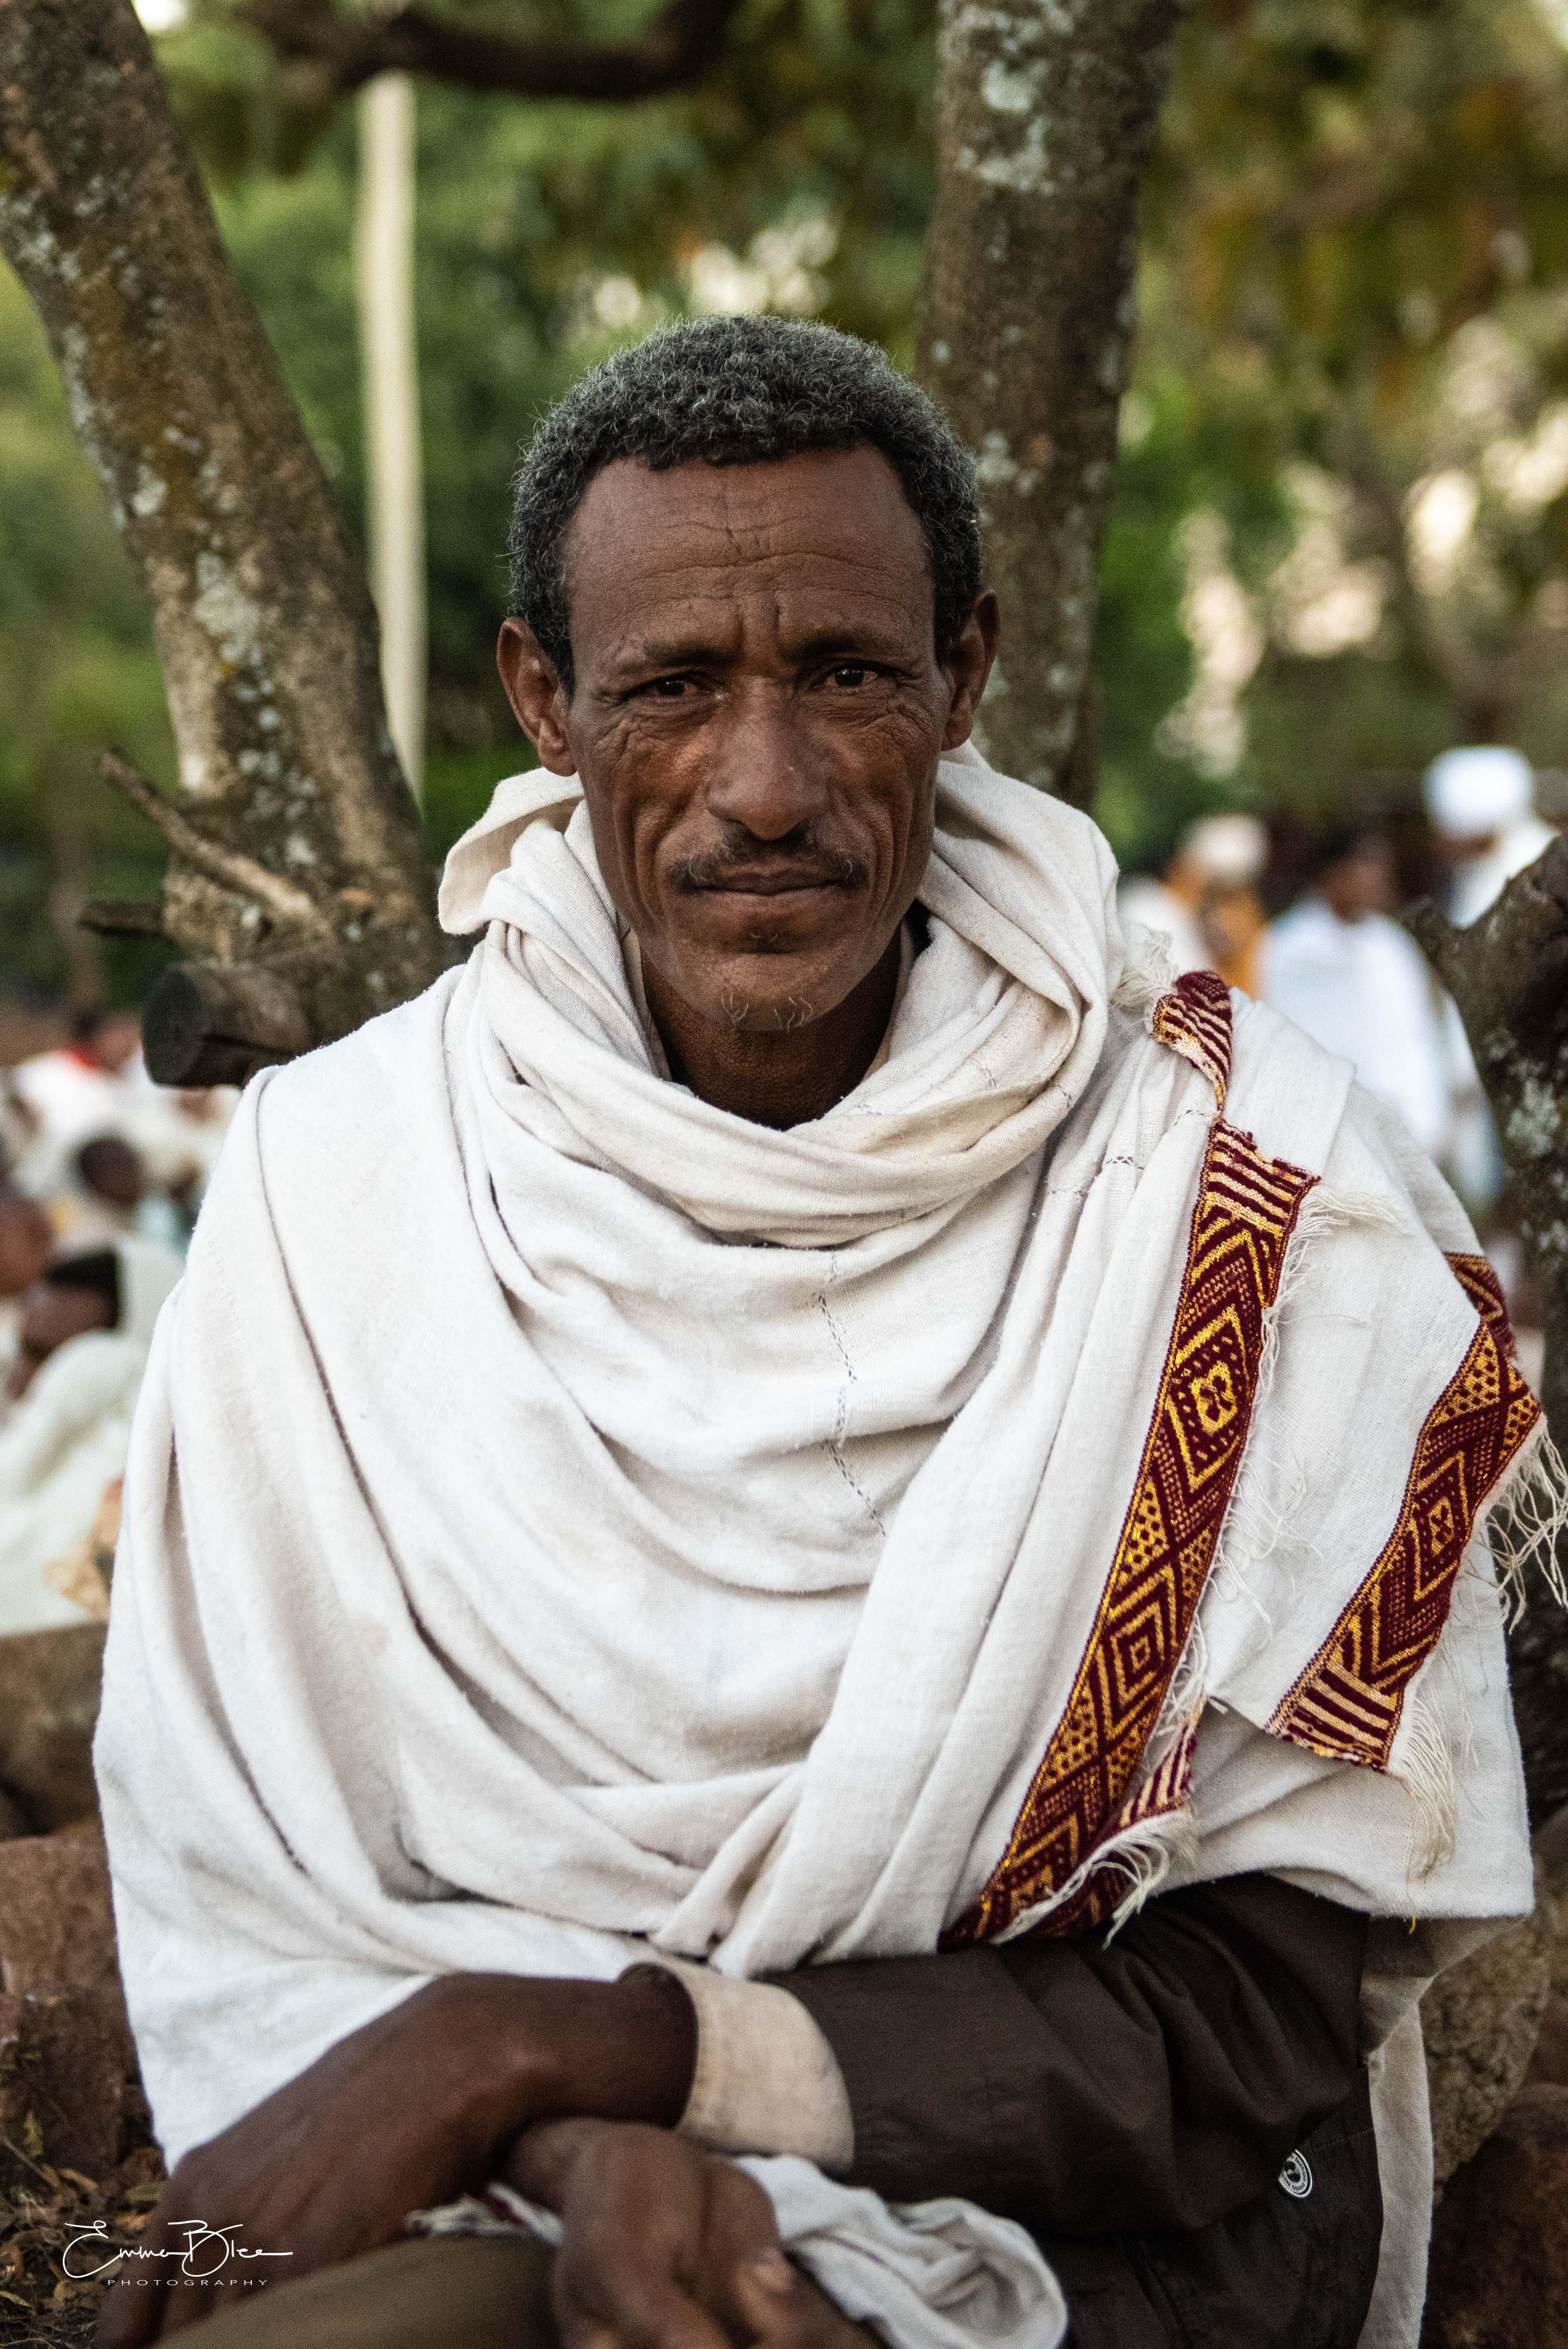 EB_20_01_06_Ethiopia_0256